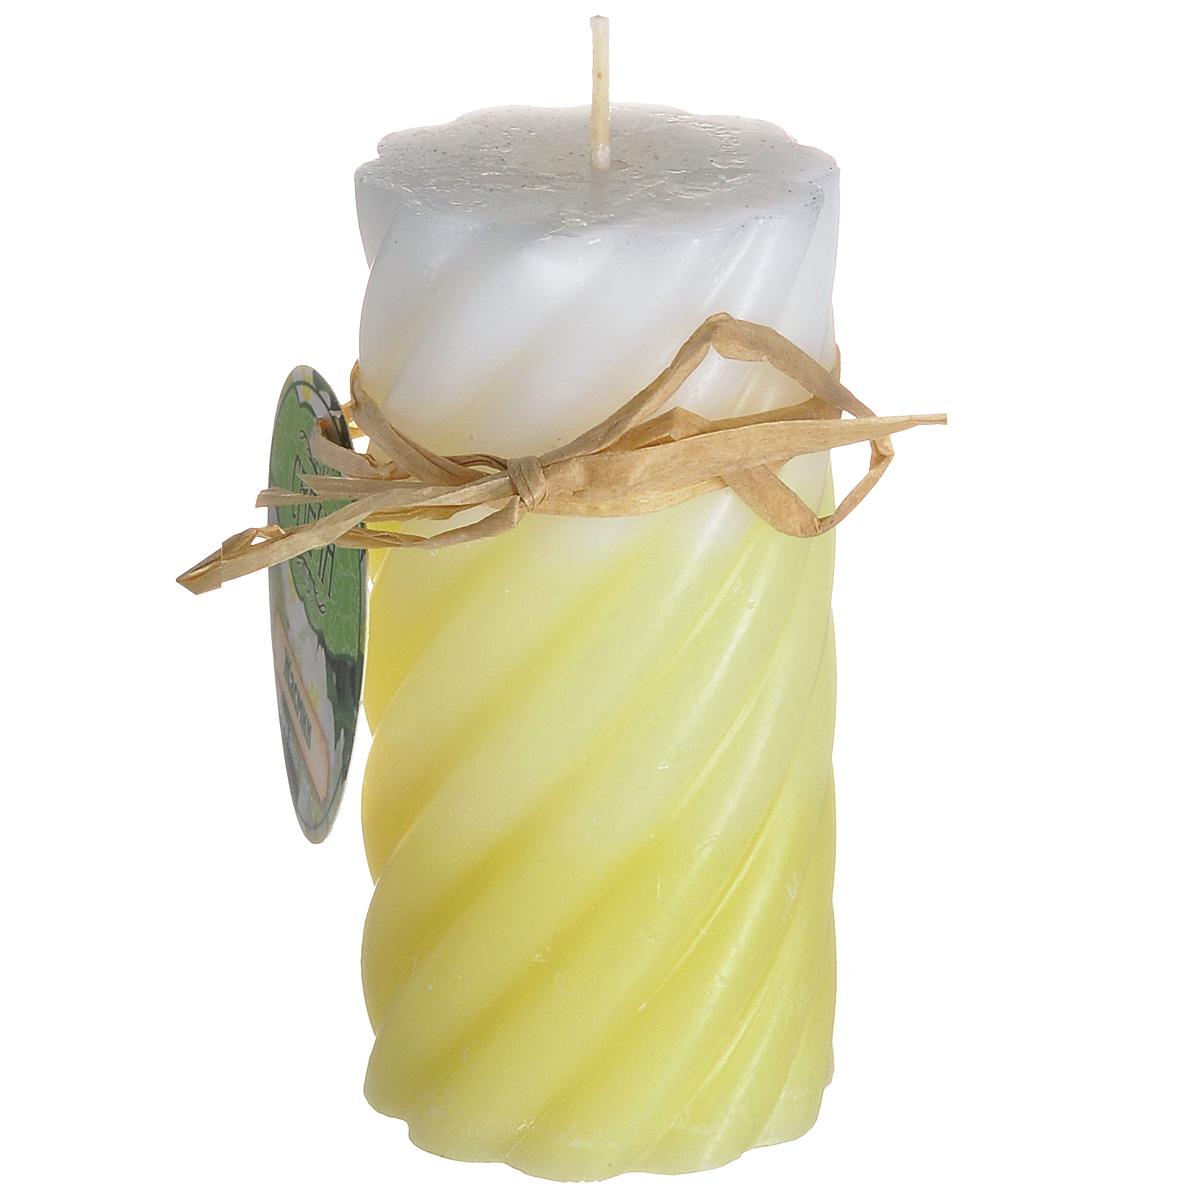 Свеча ароматизированная Sima-land Жасмин, высота 10 см. 849558849558Свеча Sima-land Жасмин выполнена из воска в виде столбика и оформлена волнообразным рельефом. Изделие порадует ярким дизайном и приятным ароматом жасмина, который понравится как женщинам, так и мужчинам. Создайте для себя и своих близких незабываемую атмосферу праздника в доме. Ароматическая свеча Sima-land Жасмин может стать не только отличным подарком, но и гарантией хорошего настроения, ведь это красивая вещь из качественного, безопасного для здоровья материала.